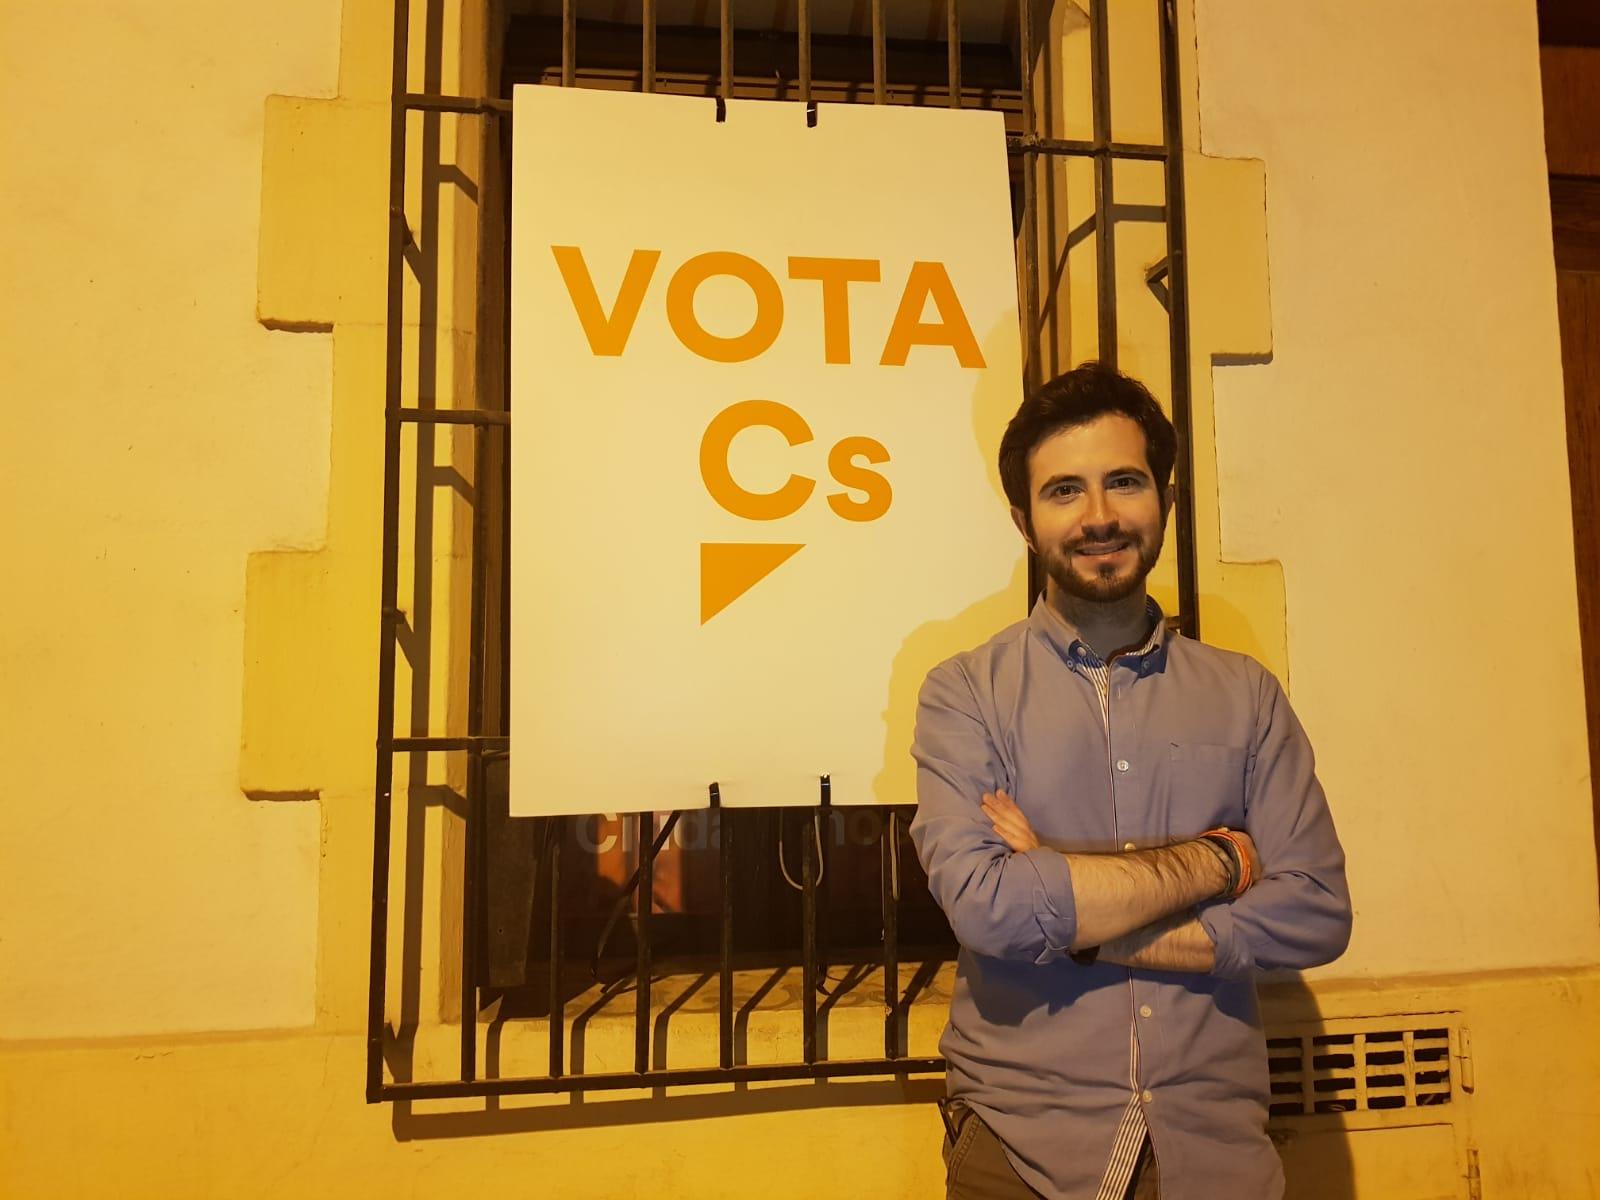 Enrique Escrivá